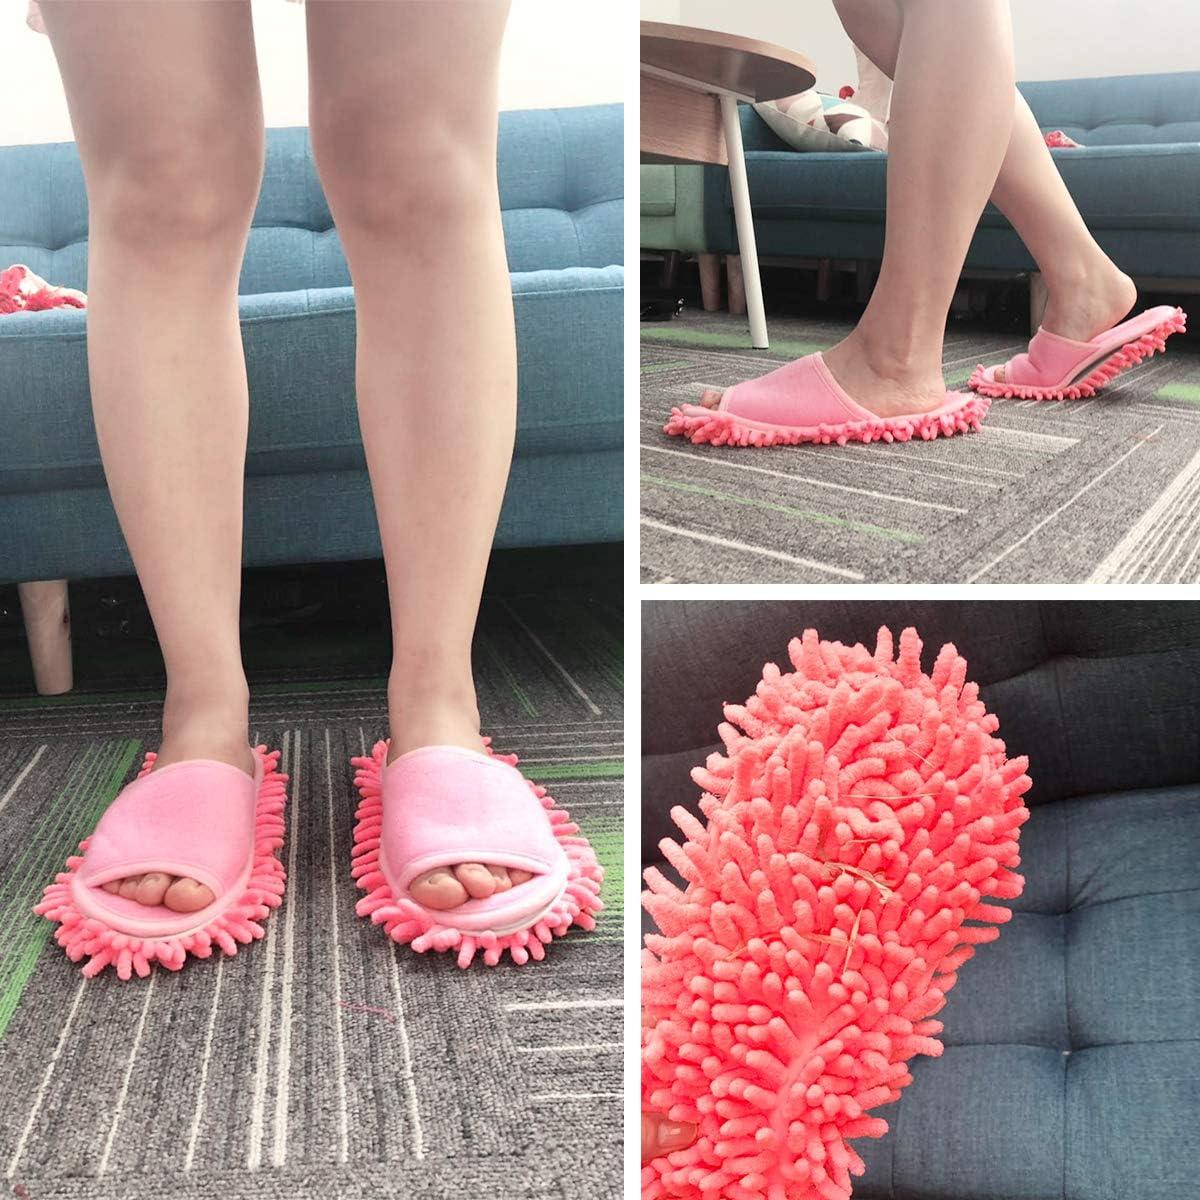 rose rouge, pour hommes et femmes Xunlong Chaussons de nettoyage de sol chaussons de d/époussi/érage unisexes Rouge